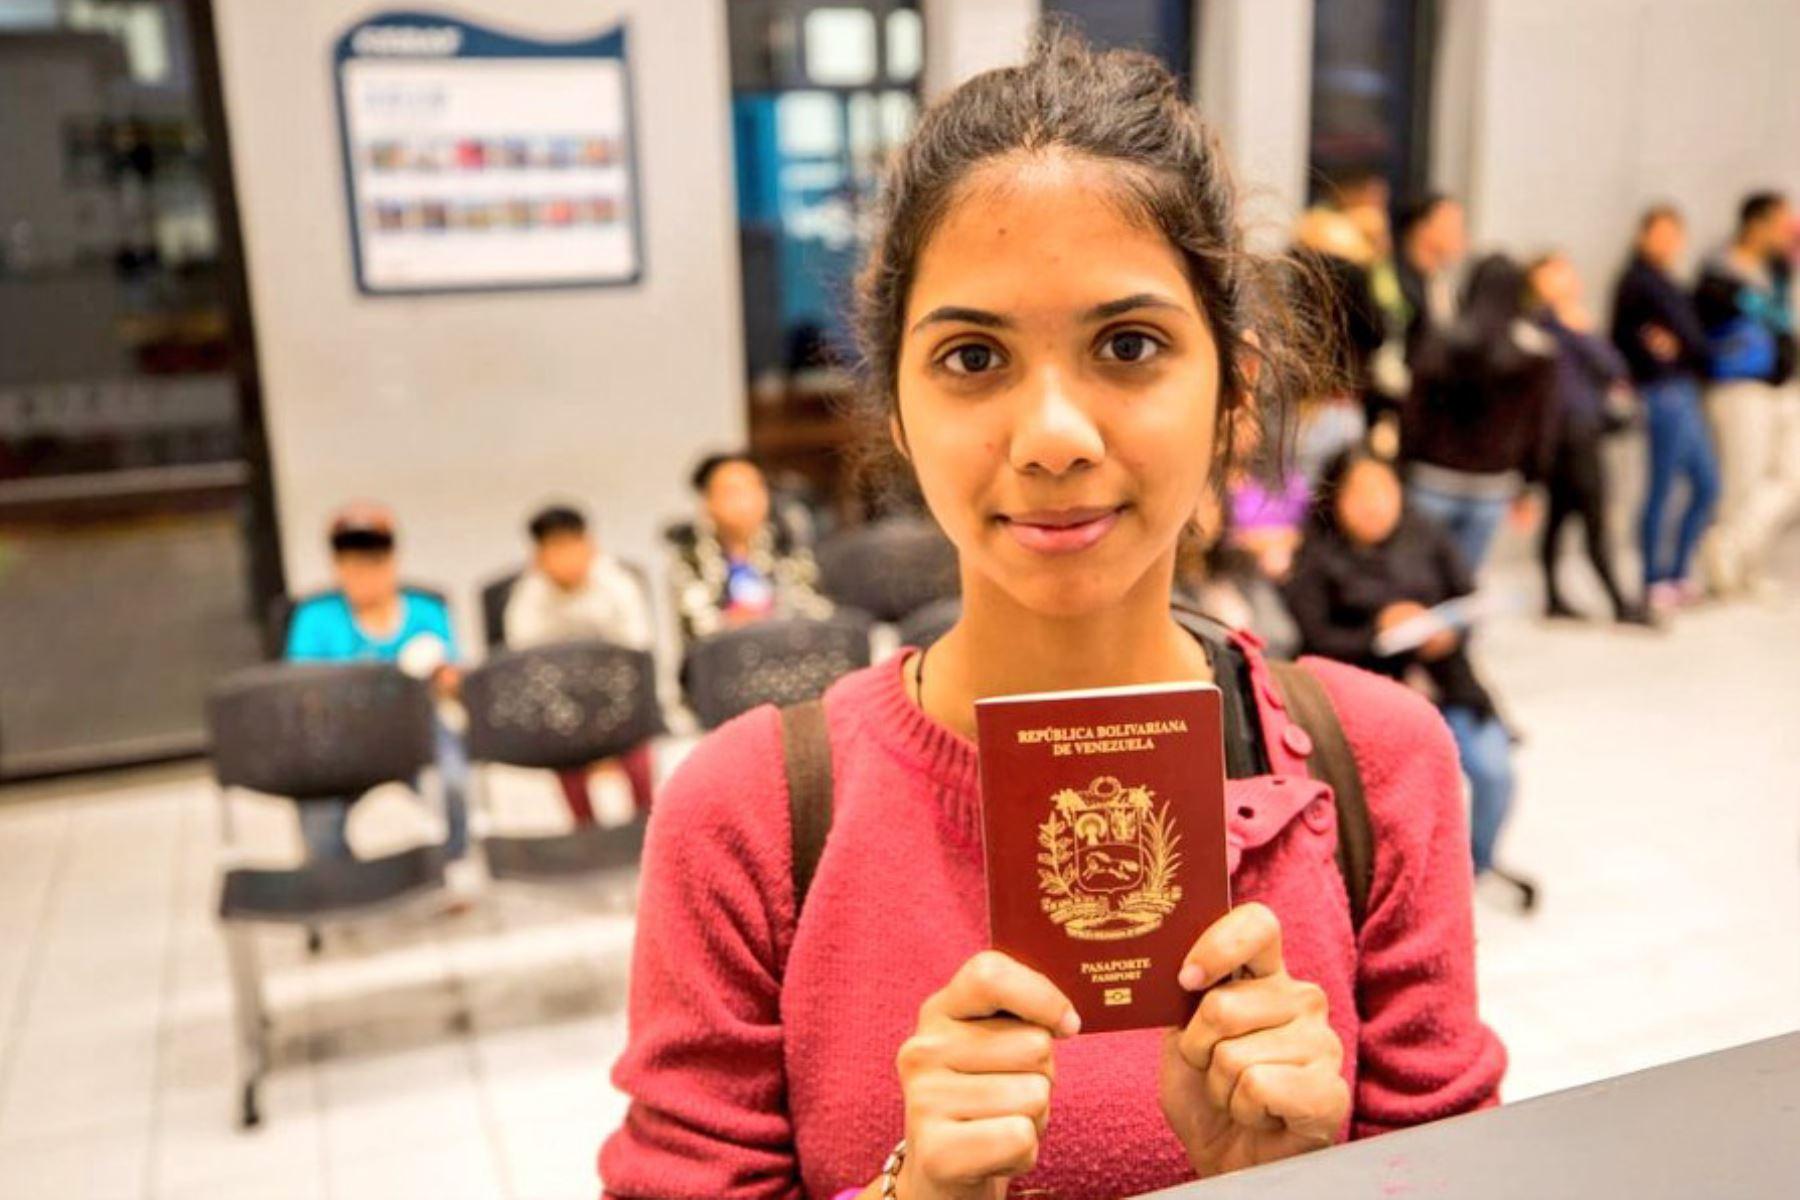 Ciudadanos venezolanos realizan su control migratorio con pasaporte en el Centro Binacional de Atención Fronteriza (CEBAF) en Tumbes con la entrada en vigencia de este requisito fijado por las autoridades peruanas, desde las 00:00 horas de hoy. Foto: Migraciones